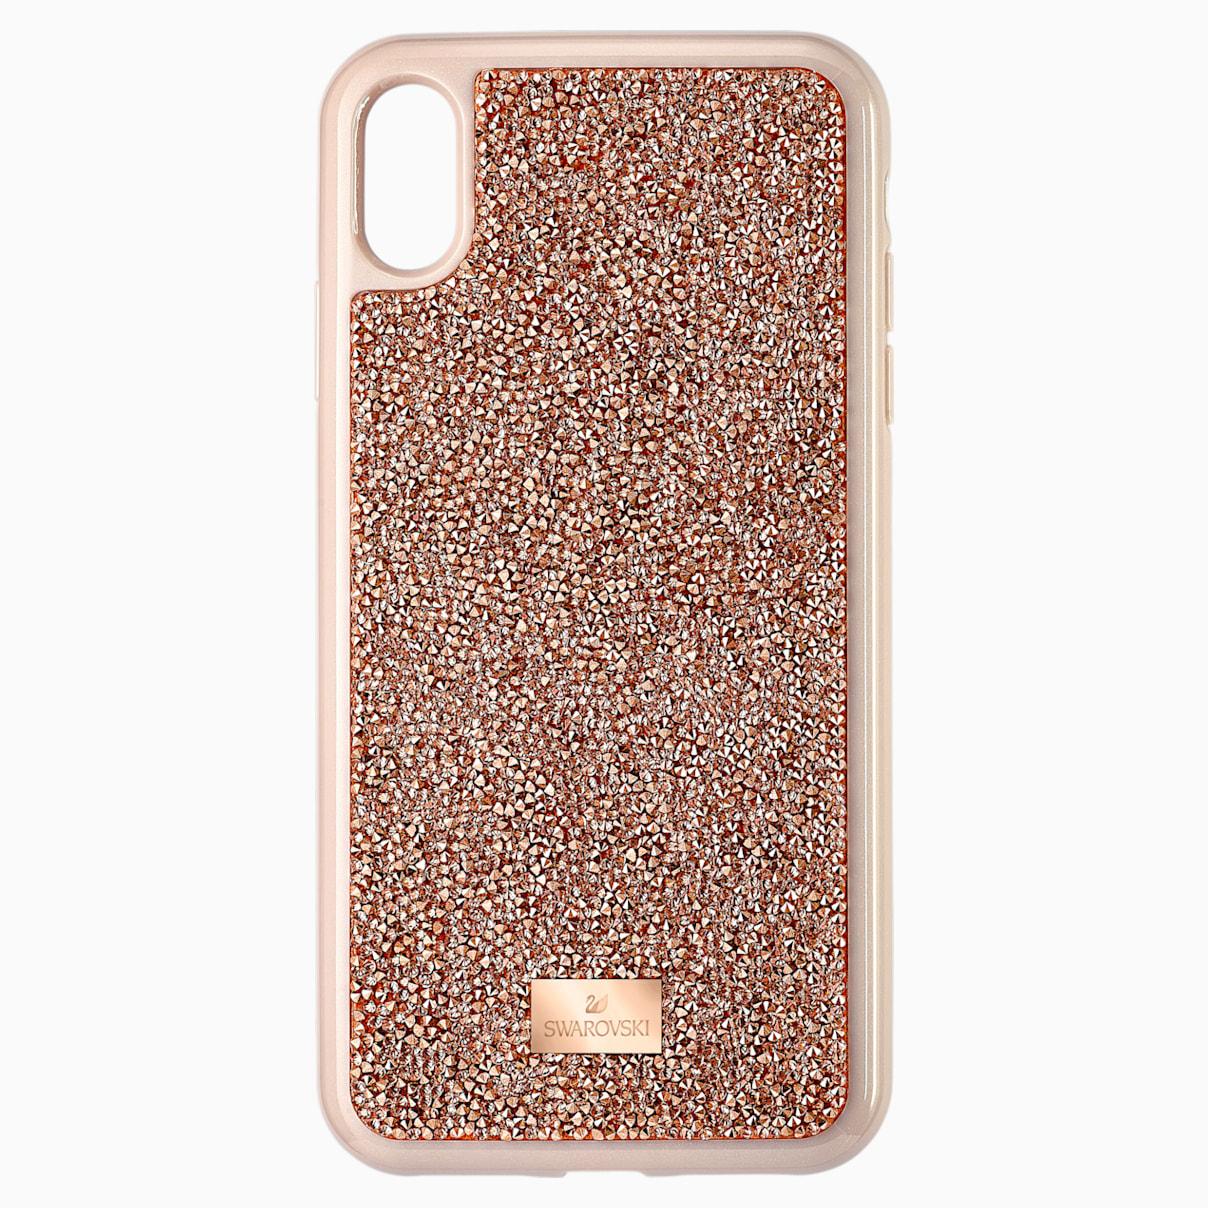 Levně Swarovski Pouzdro na chytrý telefon Glam Rock, iPhone® XS Max, odstín růžového zlata